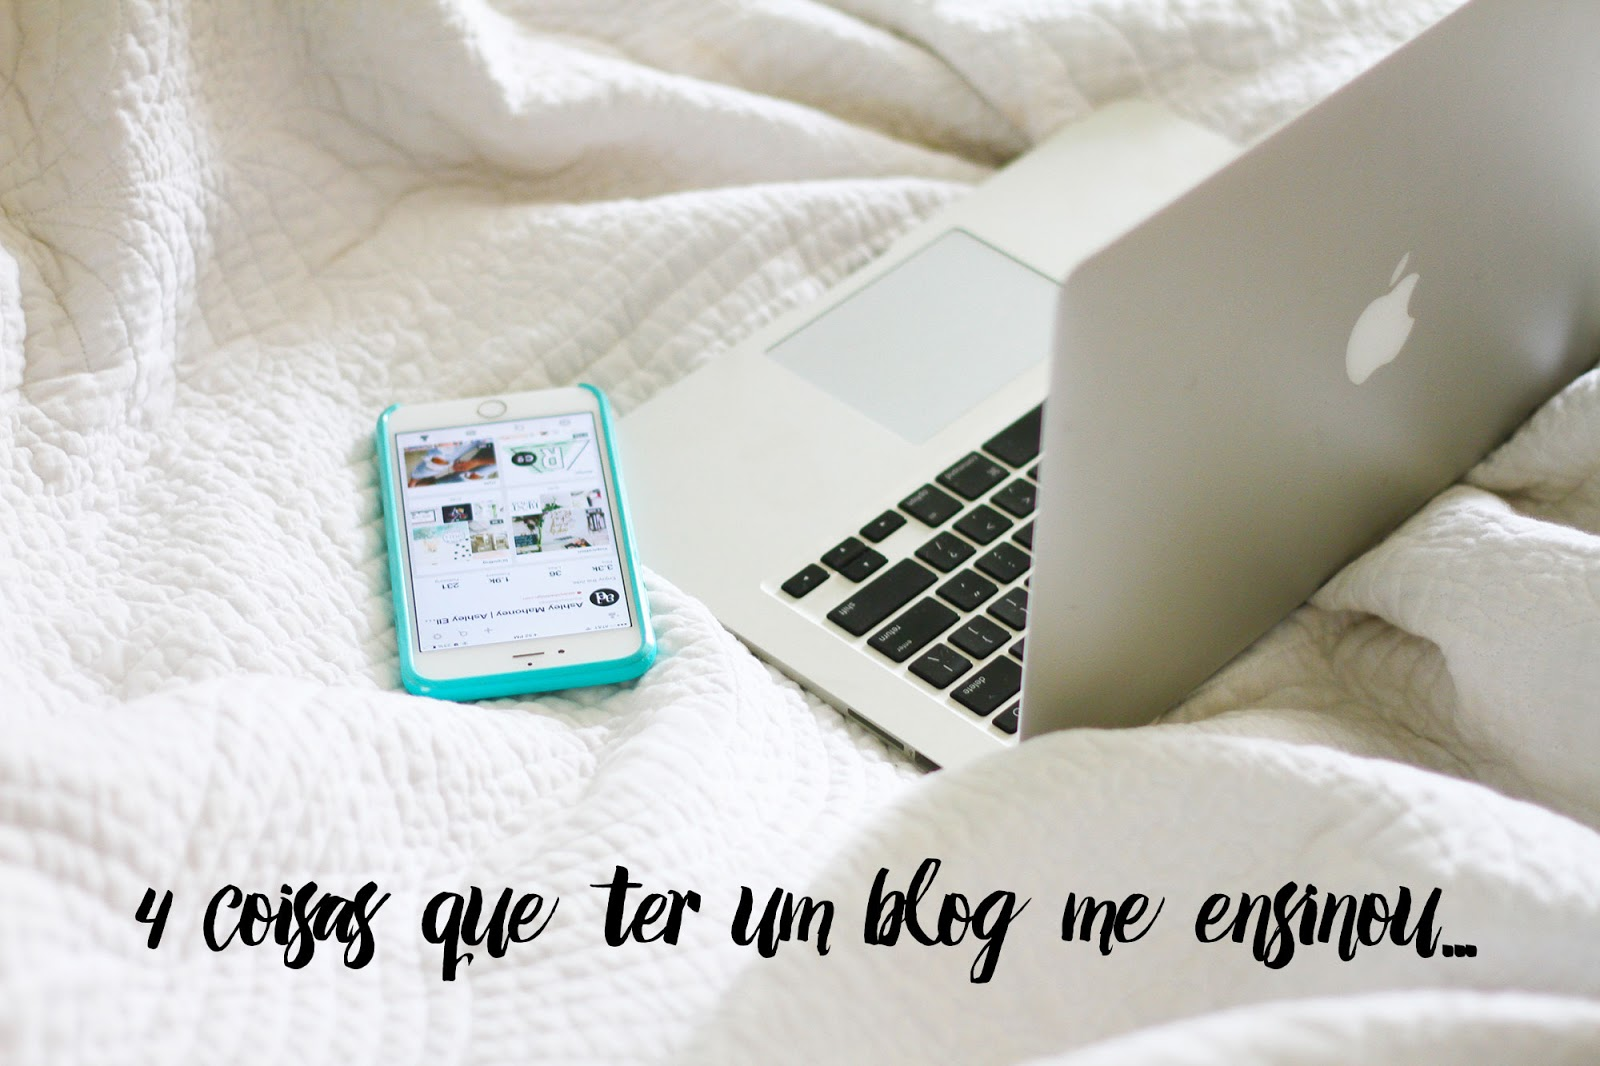 o que ter um blog me ensinou